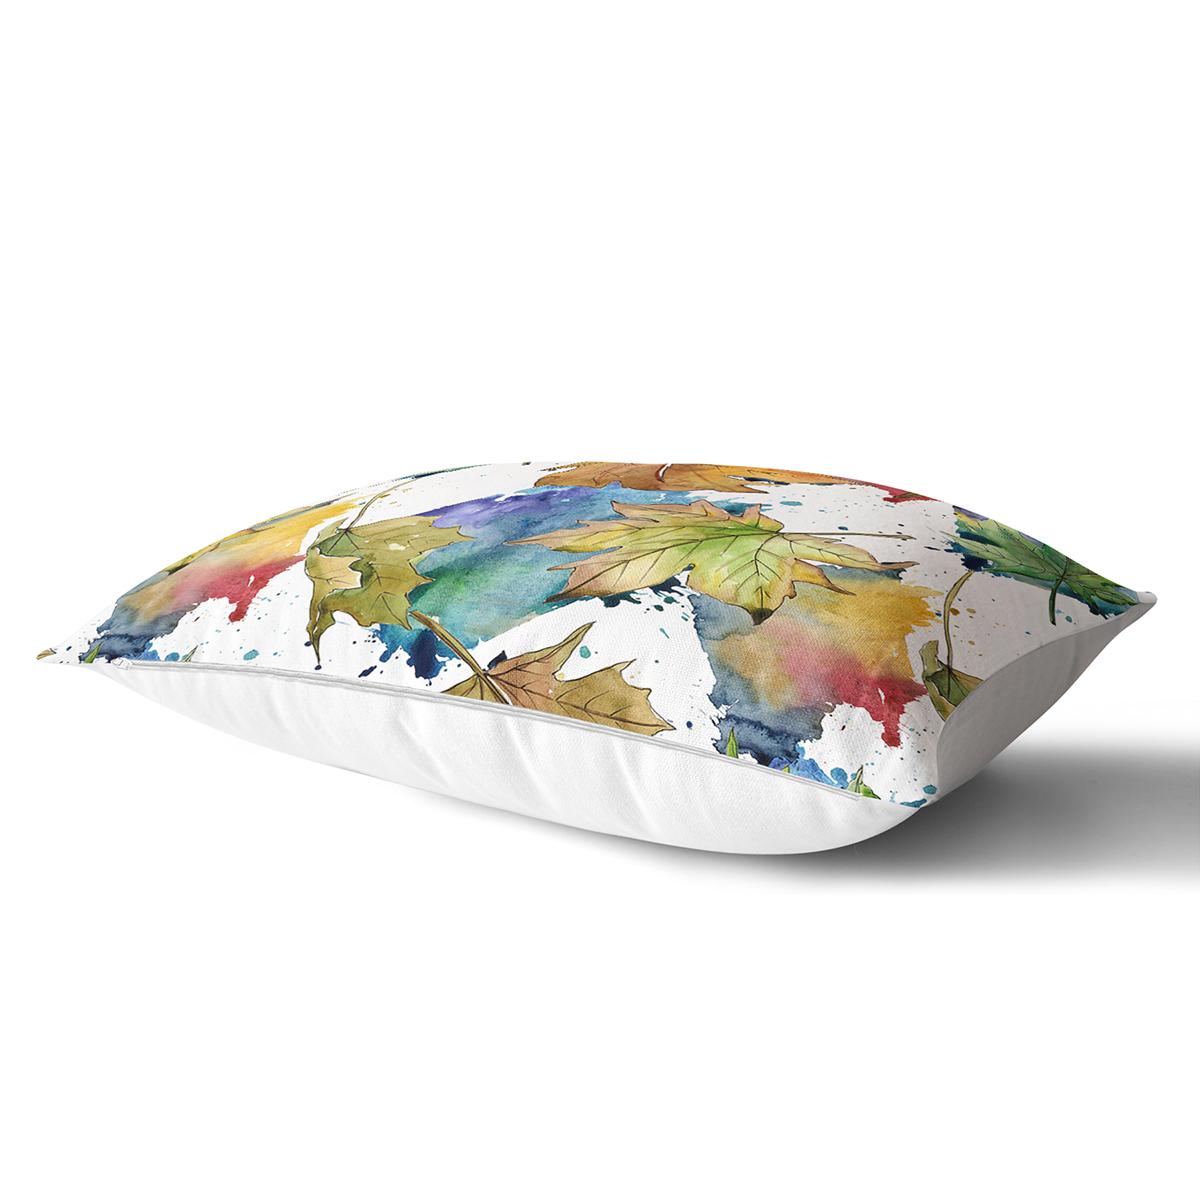 Beyaz Zeminli Sonbahar Yaprak Desenli Dijital Baskılı Modern Dikdörtgen Yastık Kırlent Kılıfı Realhomes